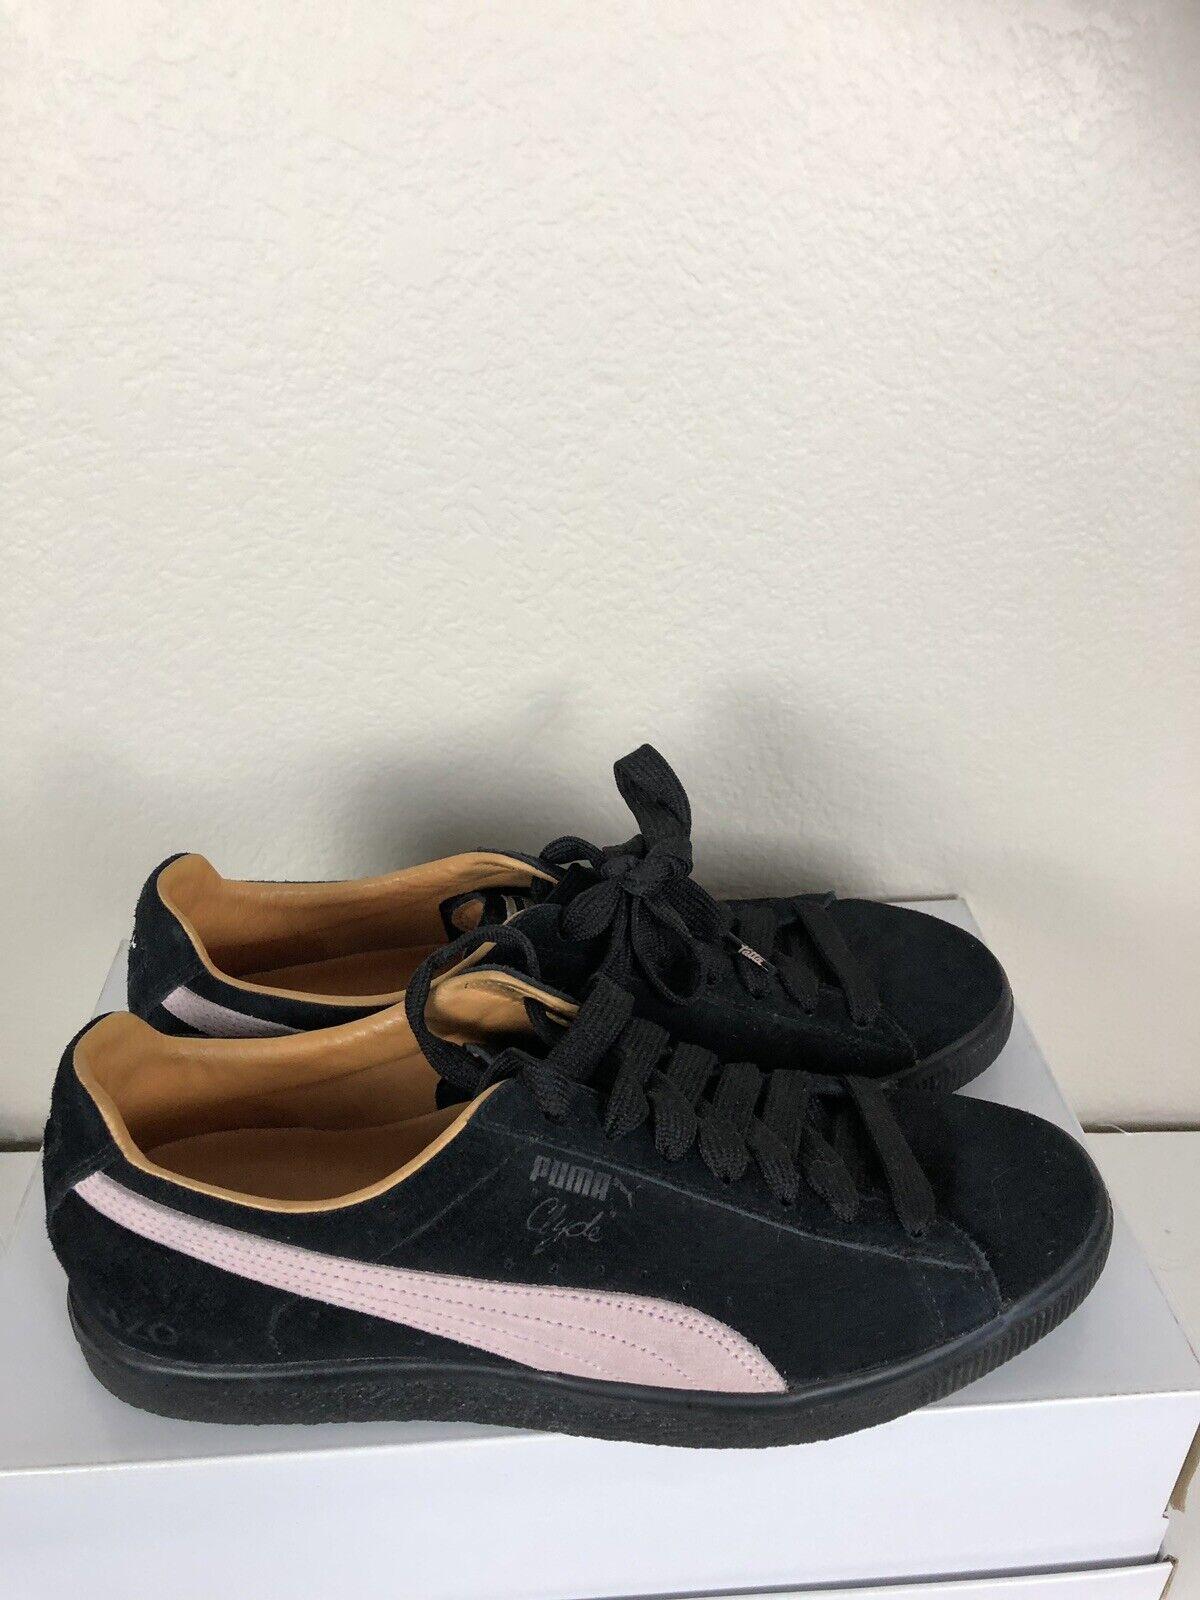 Puma X Patta nero nero nero scarpe 10.5 a787c9